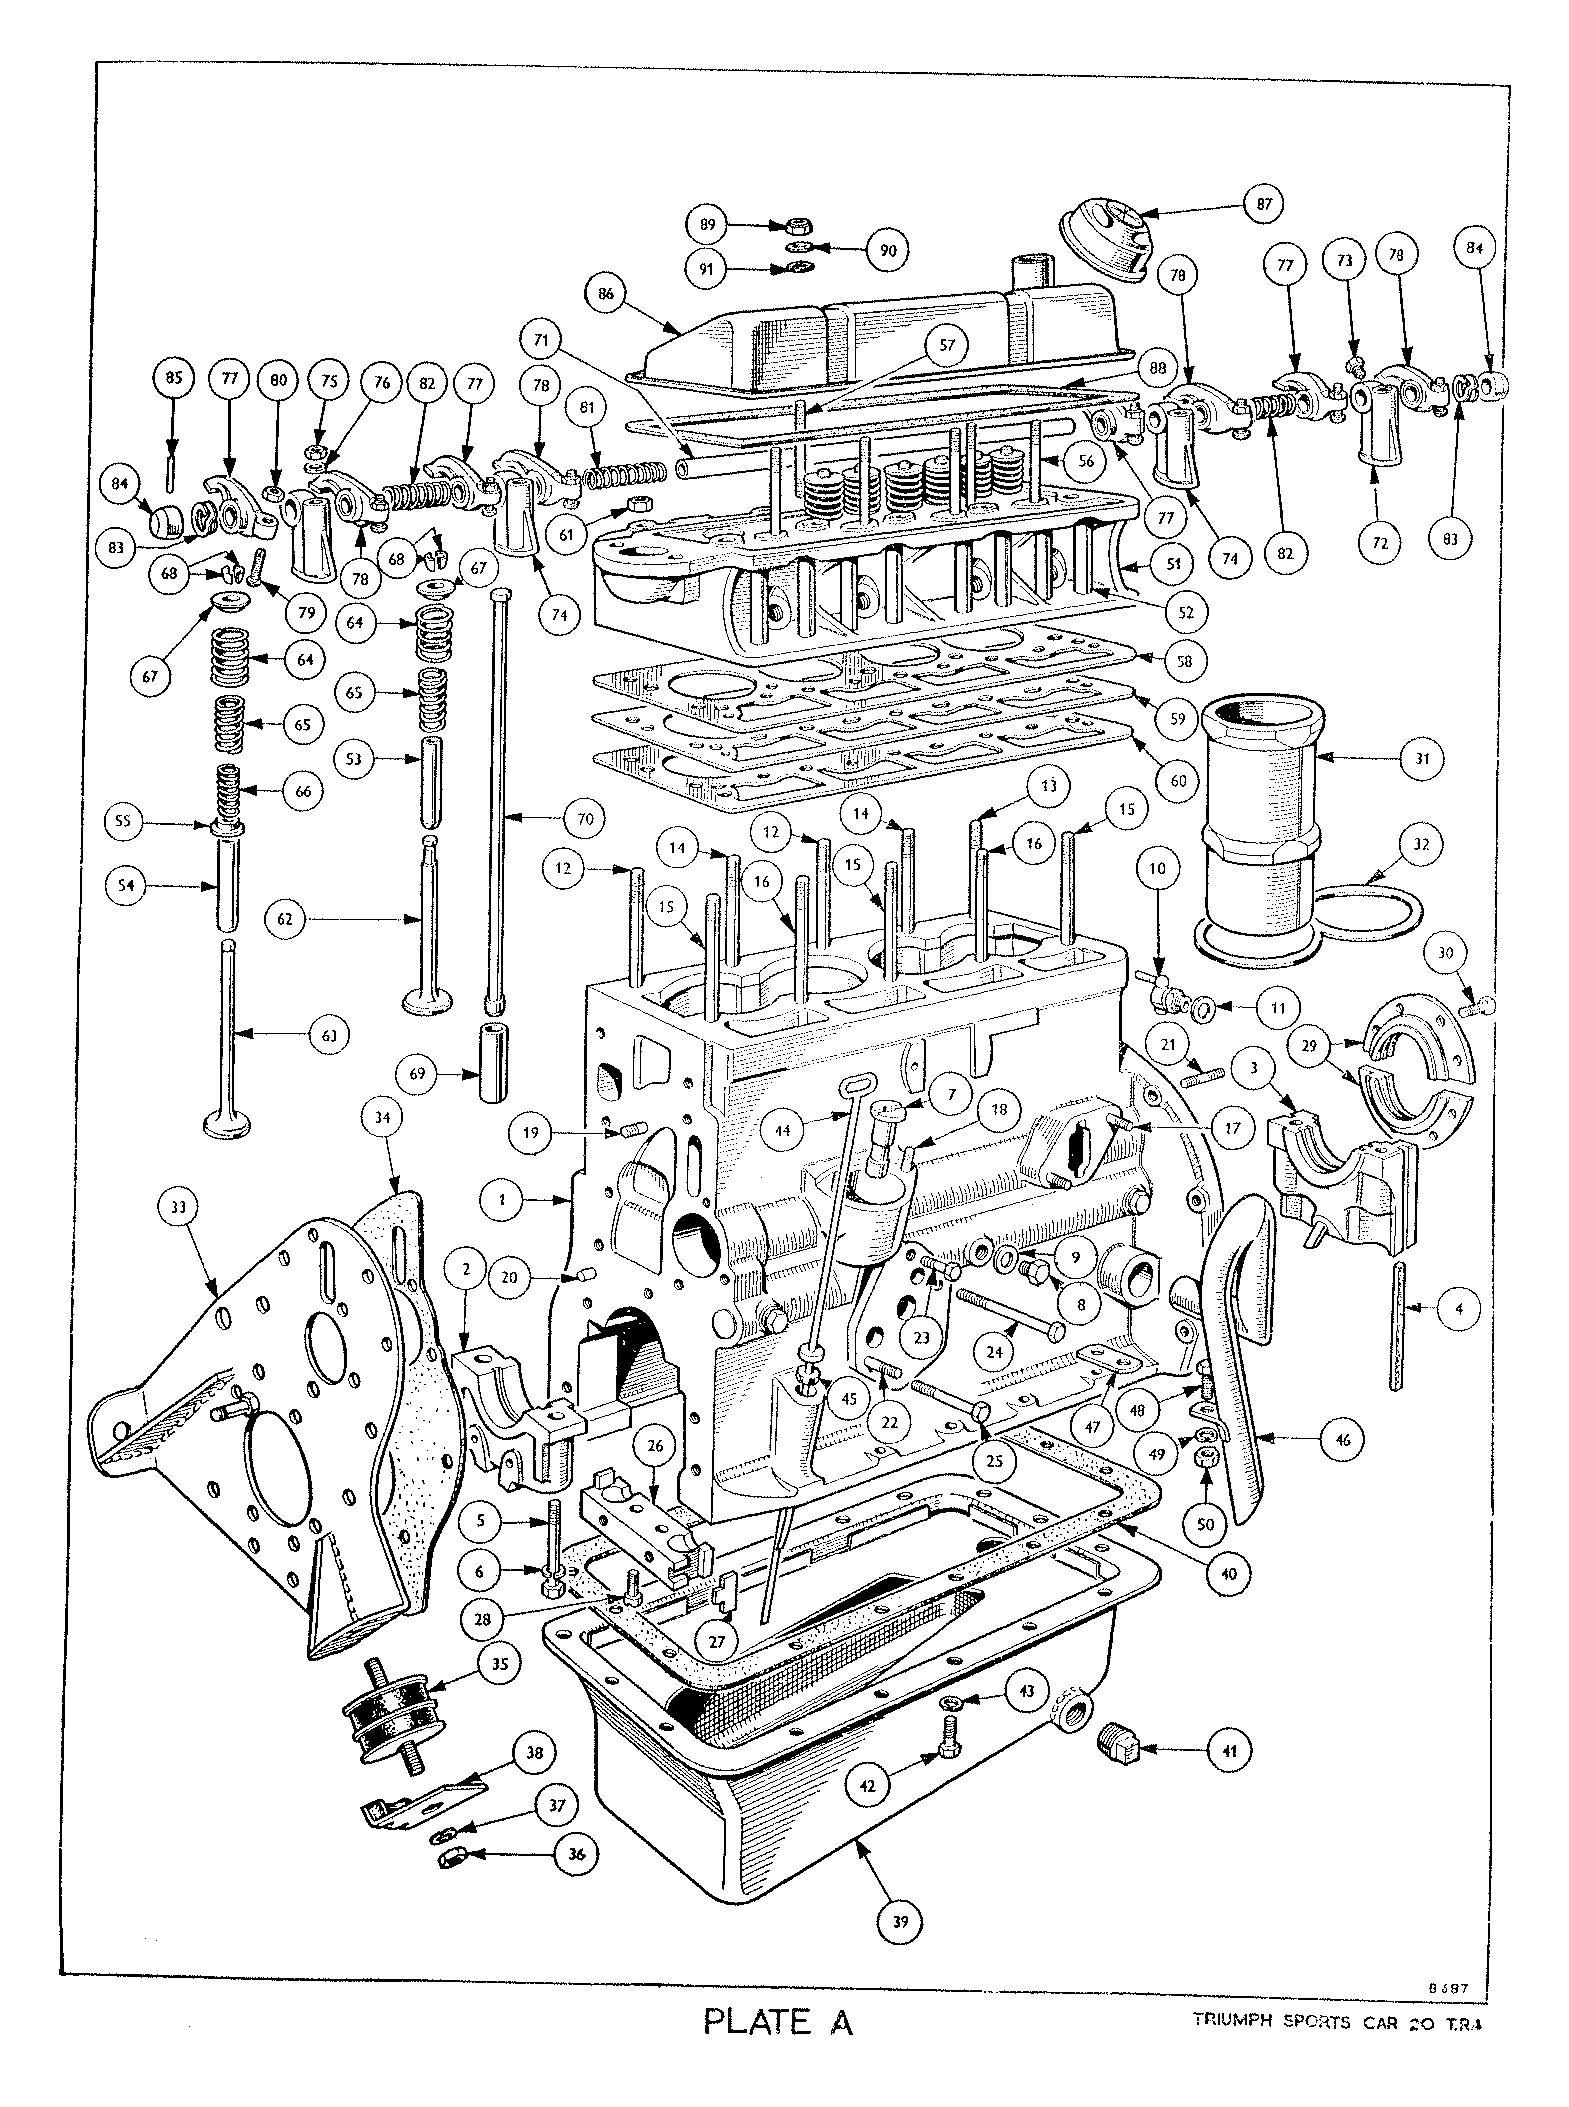 инструкция по ремонту и эксплуатации двигателя а.м.уаз.